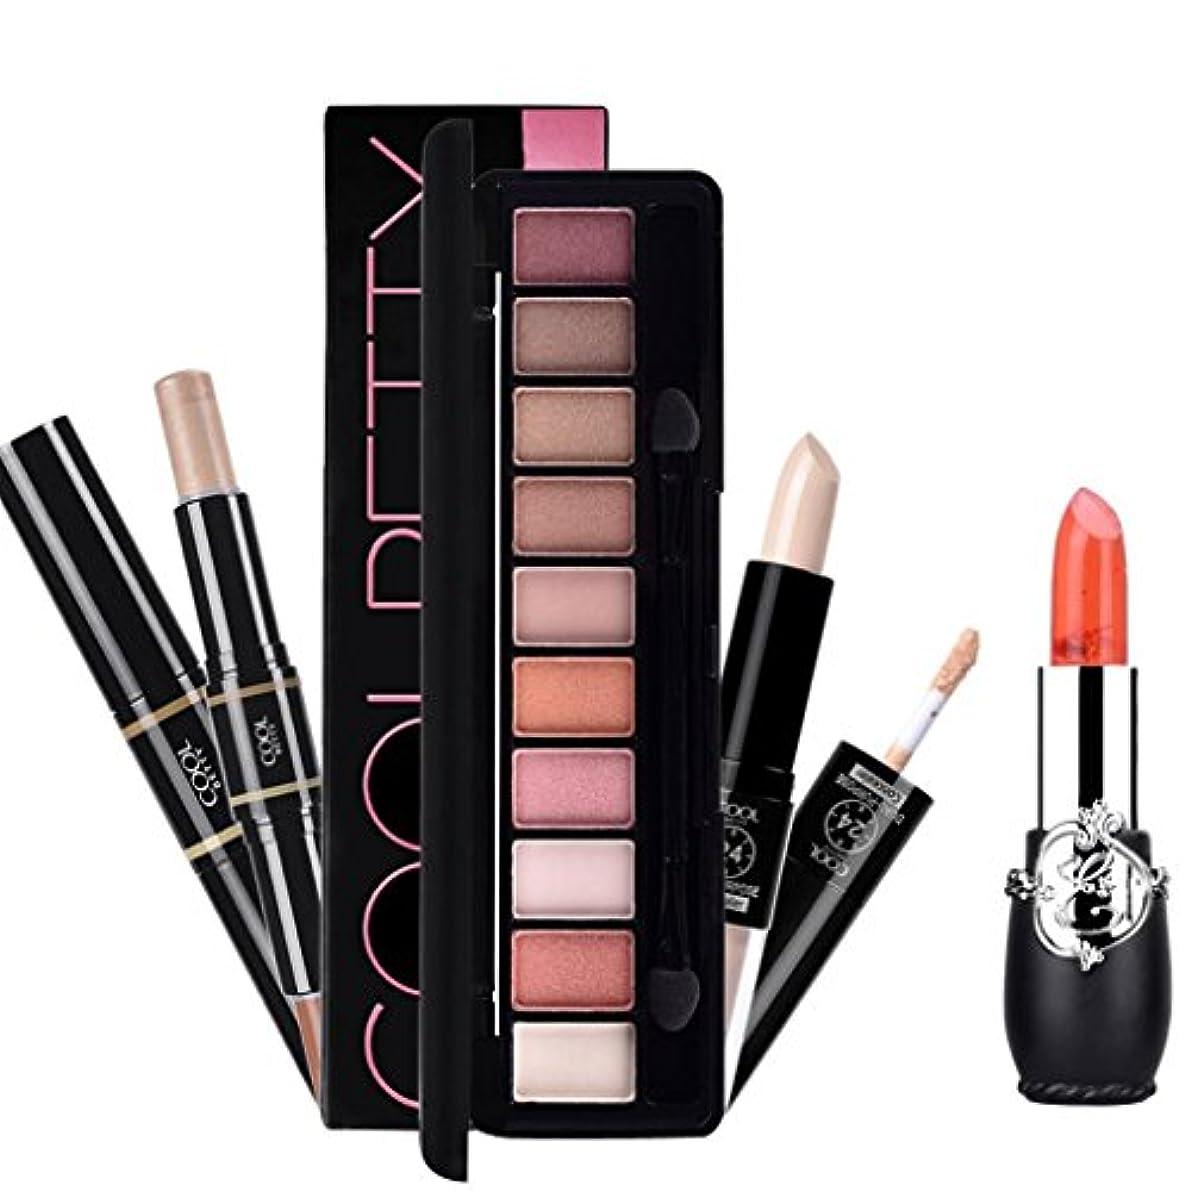 軽減する決めます傾くToygogo 化粧品セット メイクアップ 口紅 コンシーラー アイシャドウ ハイライト 化粧品 全4色選べる - 03